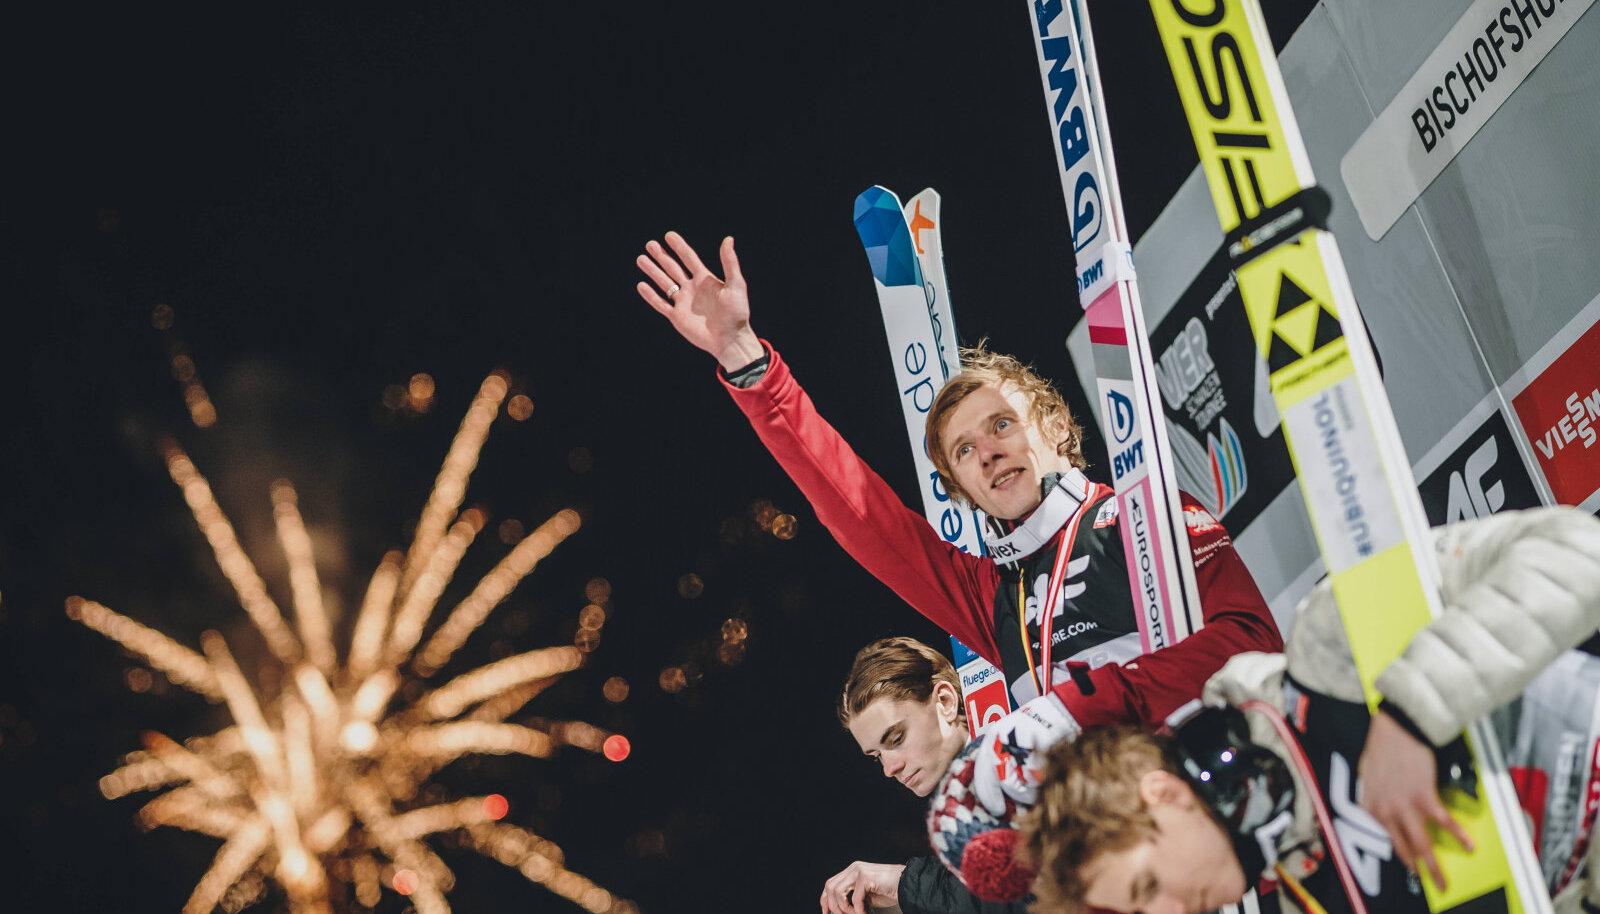 Nelja hüppemäe turnee eelmise aasta võitja Dawid Kubacki on üks seitsmest poolakast, kes täna Oberstdorfi hüppetorni ronida ei tohi.